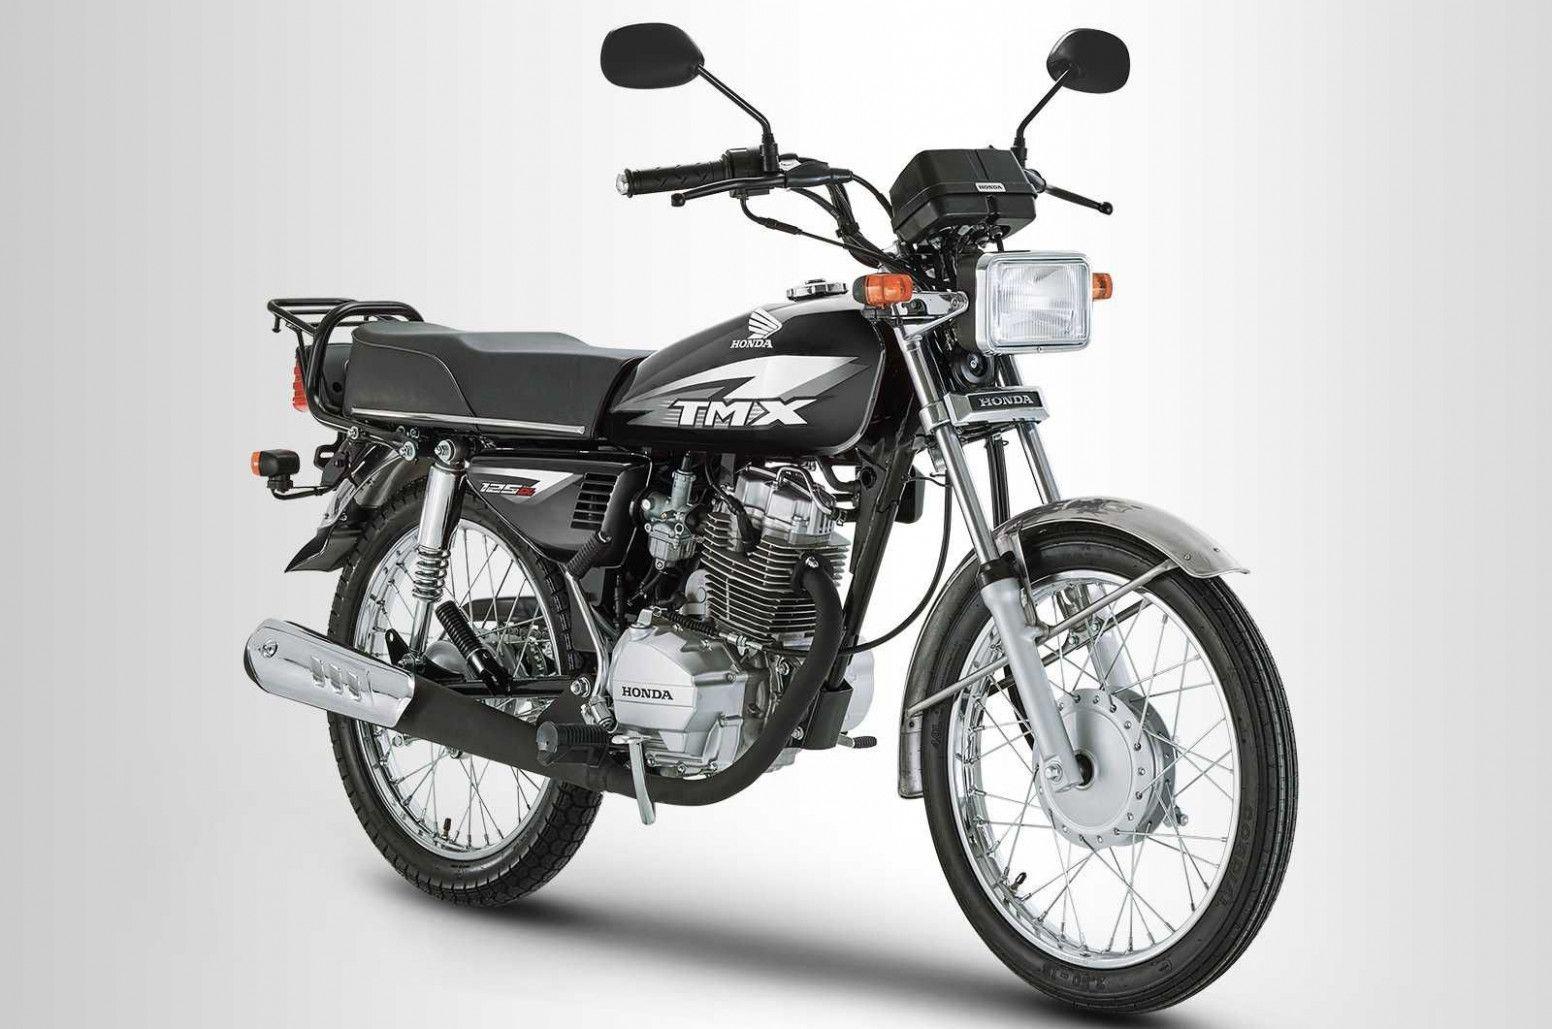 6 Picture Honda Tmx 125 Price 2020 in 2020 Honda, Living